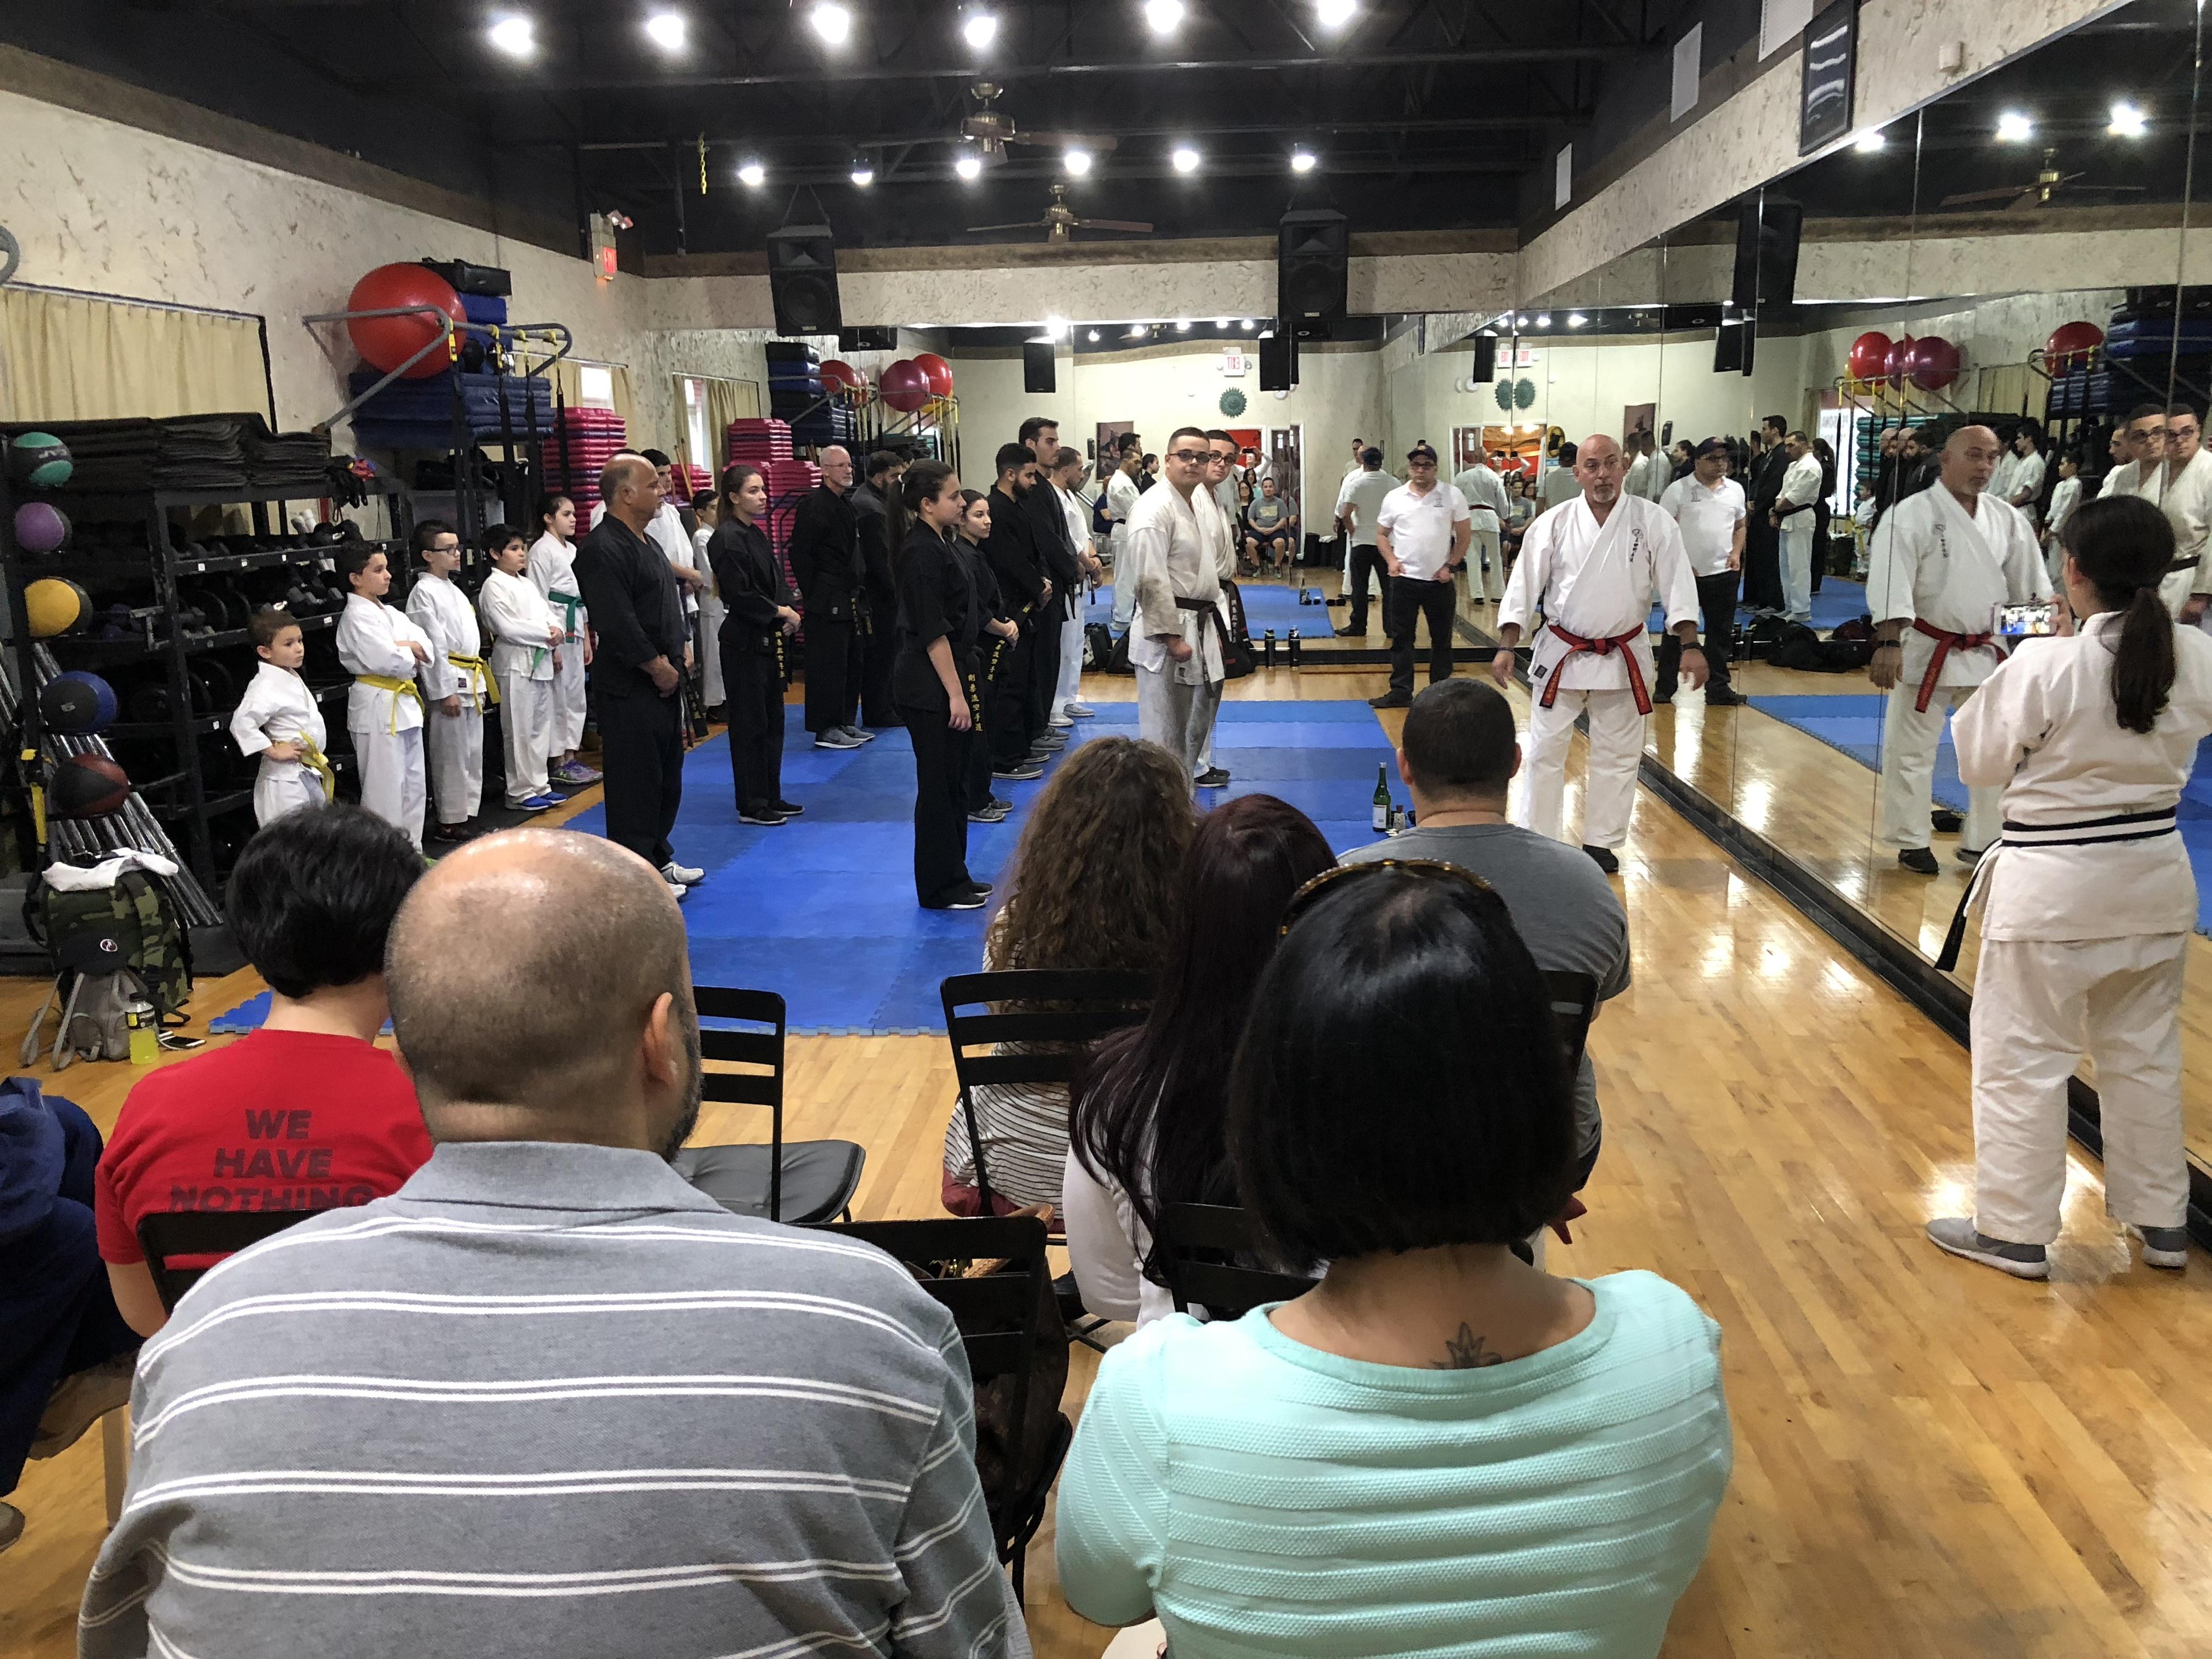 https://0201.nccdn.net/1_2/000/000/15e/452/Karate-4032x3024.jpg